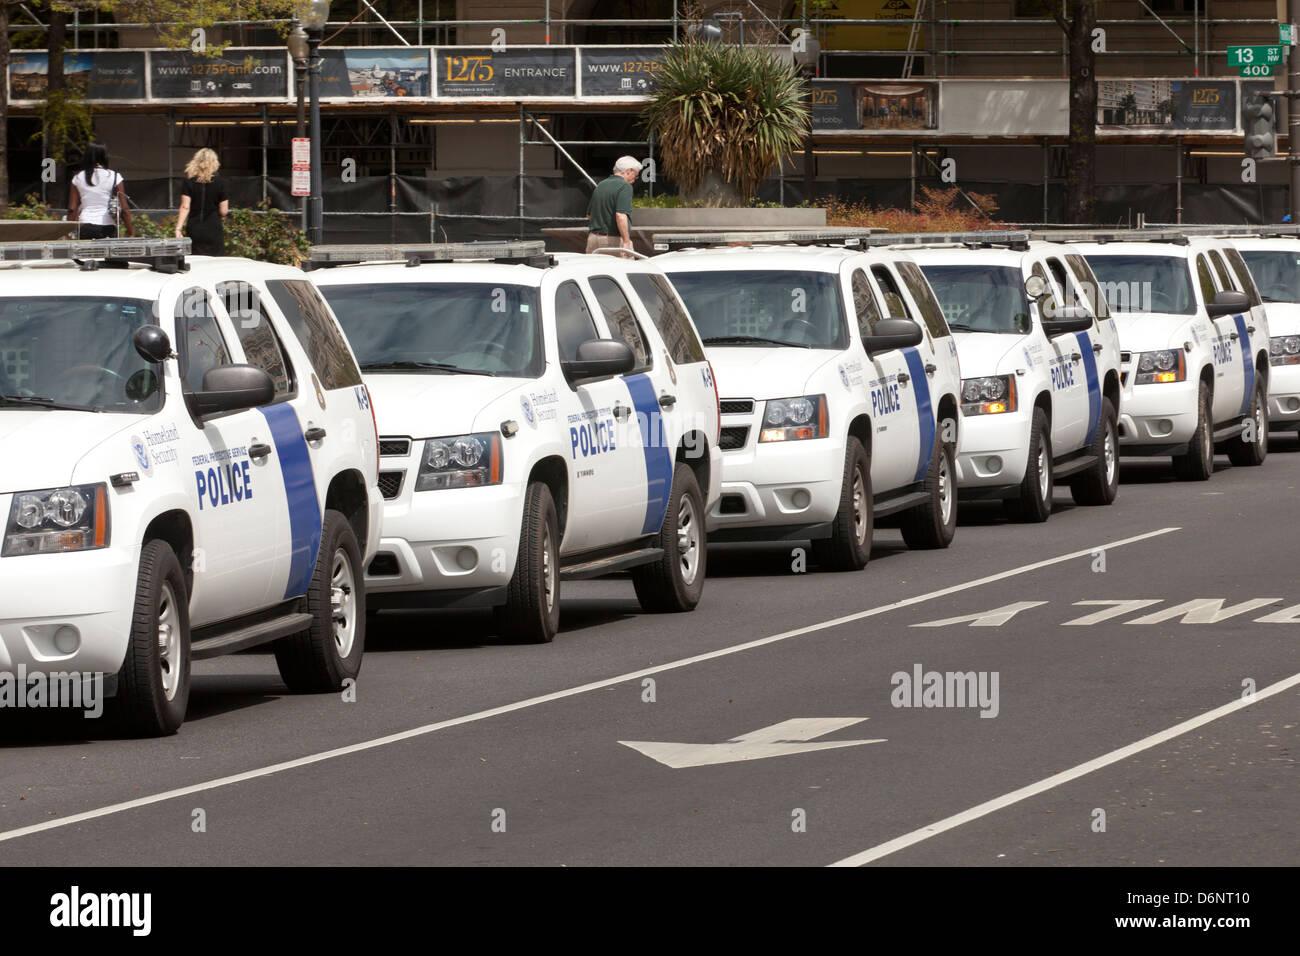 La sécurité intérieure des véhicules de police alignées - Washington, DC USA Photo Stock